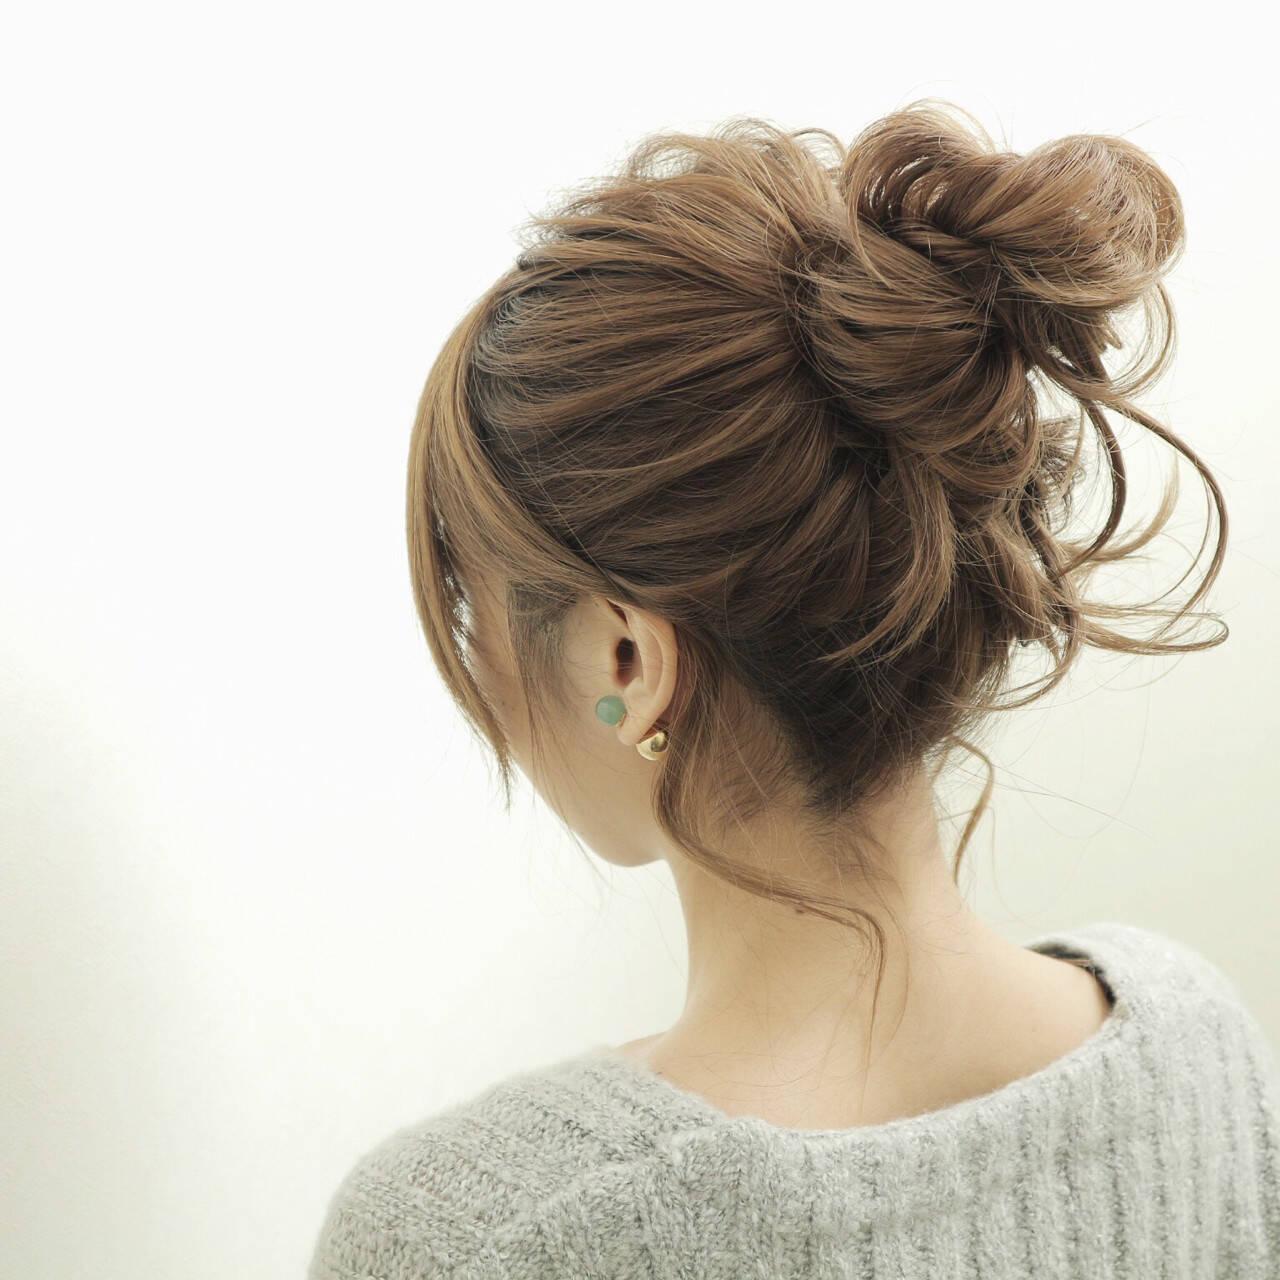 セミロング 外国人風 大人女子 ショートヘアスタイルや髪型の写真・画像